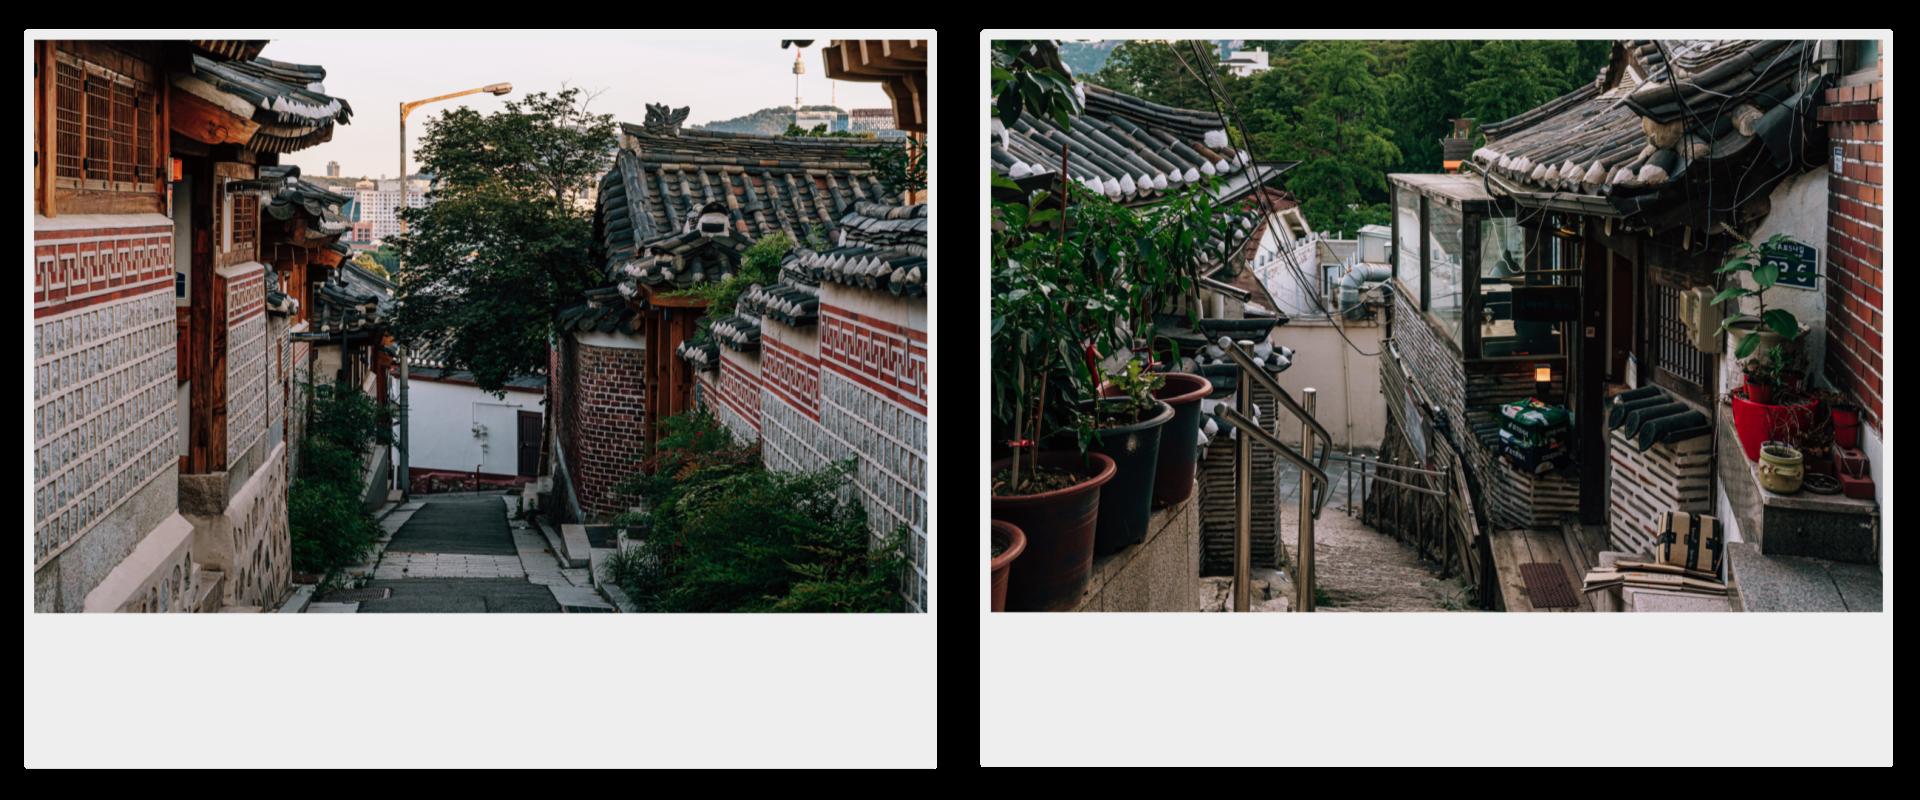 两张立拍得。左为韩屋村中的窄巷,右为韩屋旁的石楼梯。